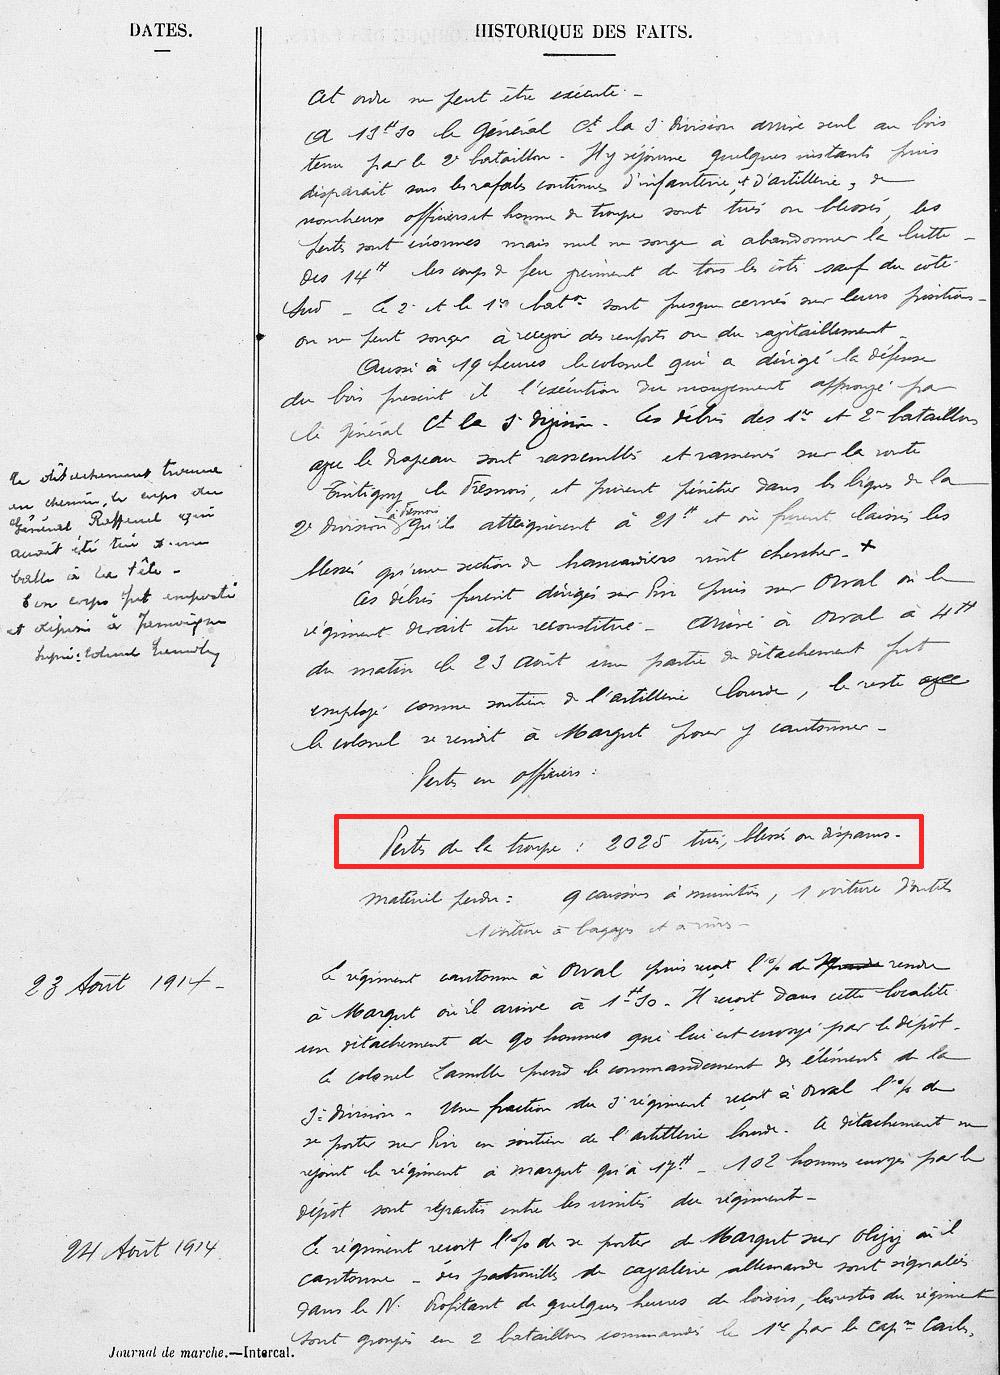 extrait-jmo-18-au-23-aout-1914-page-3